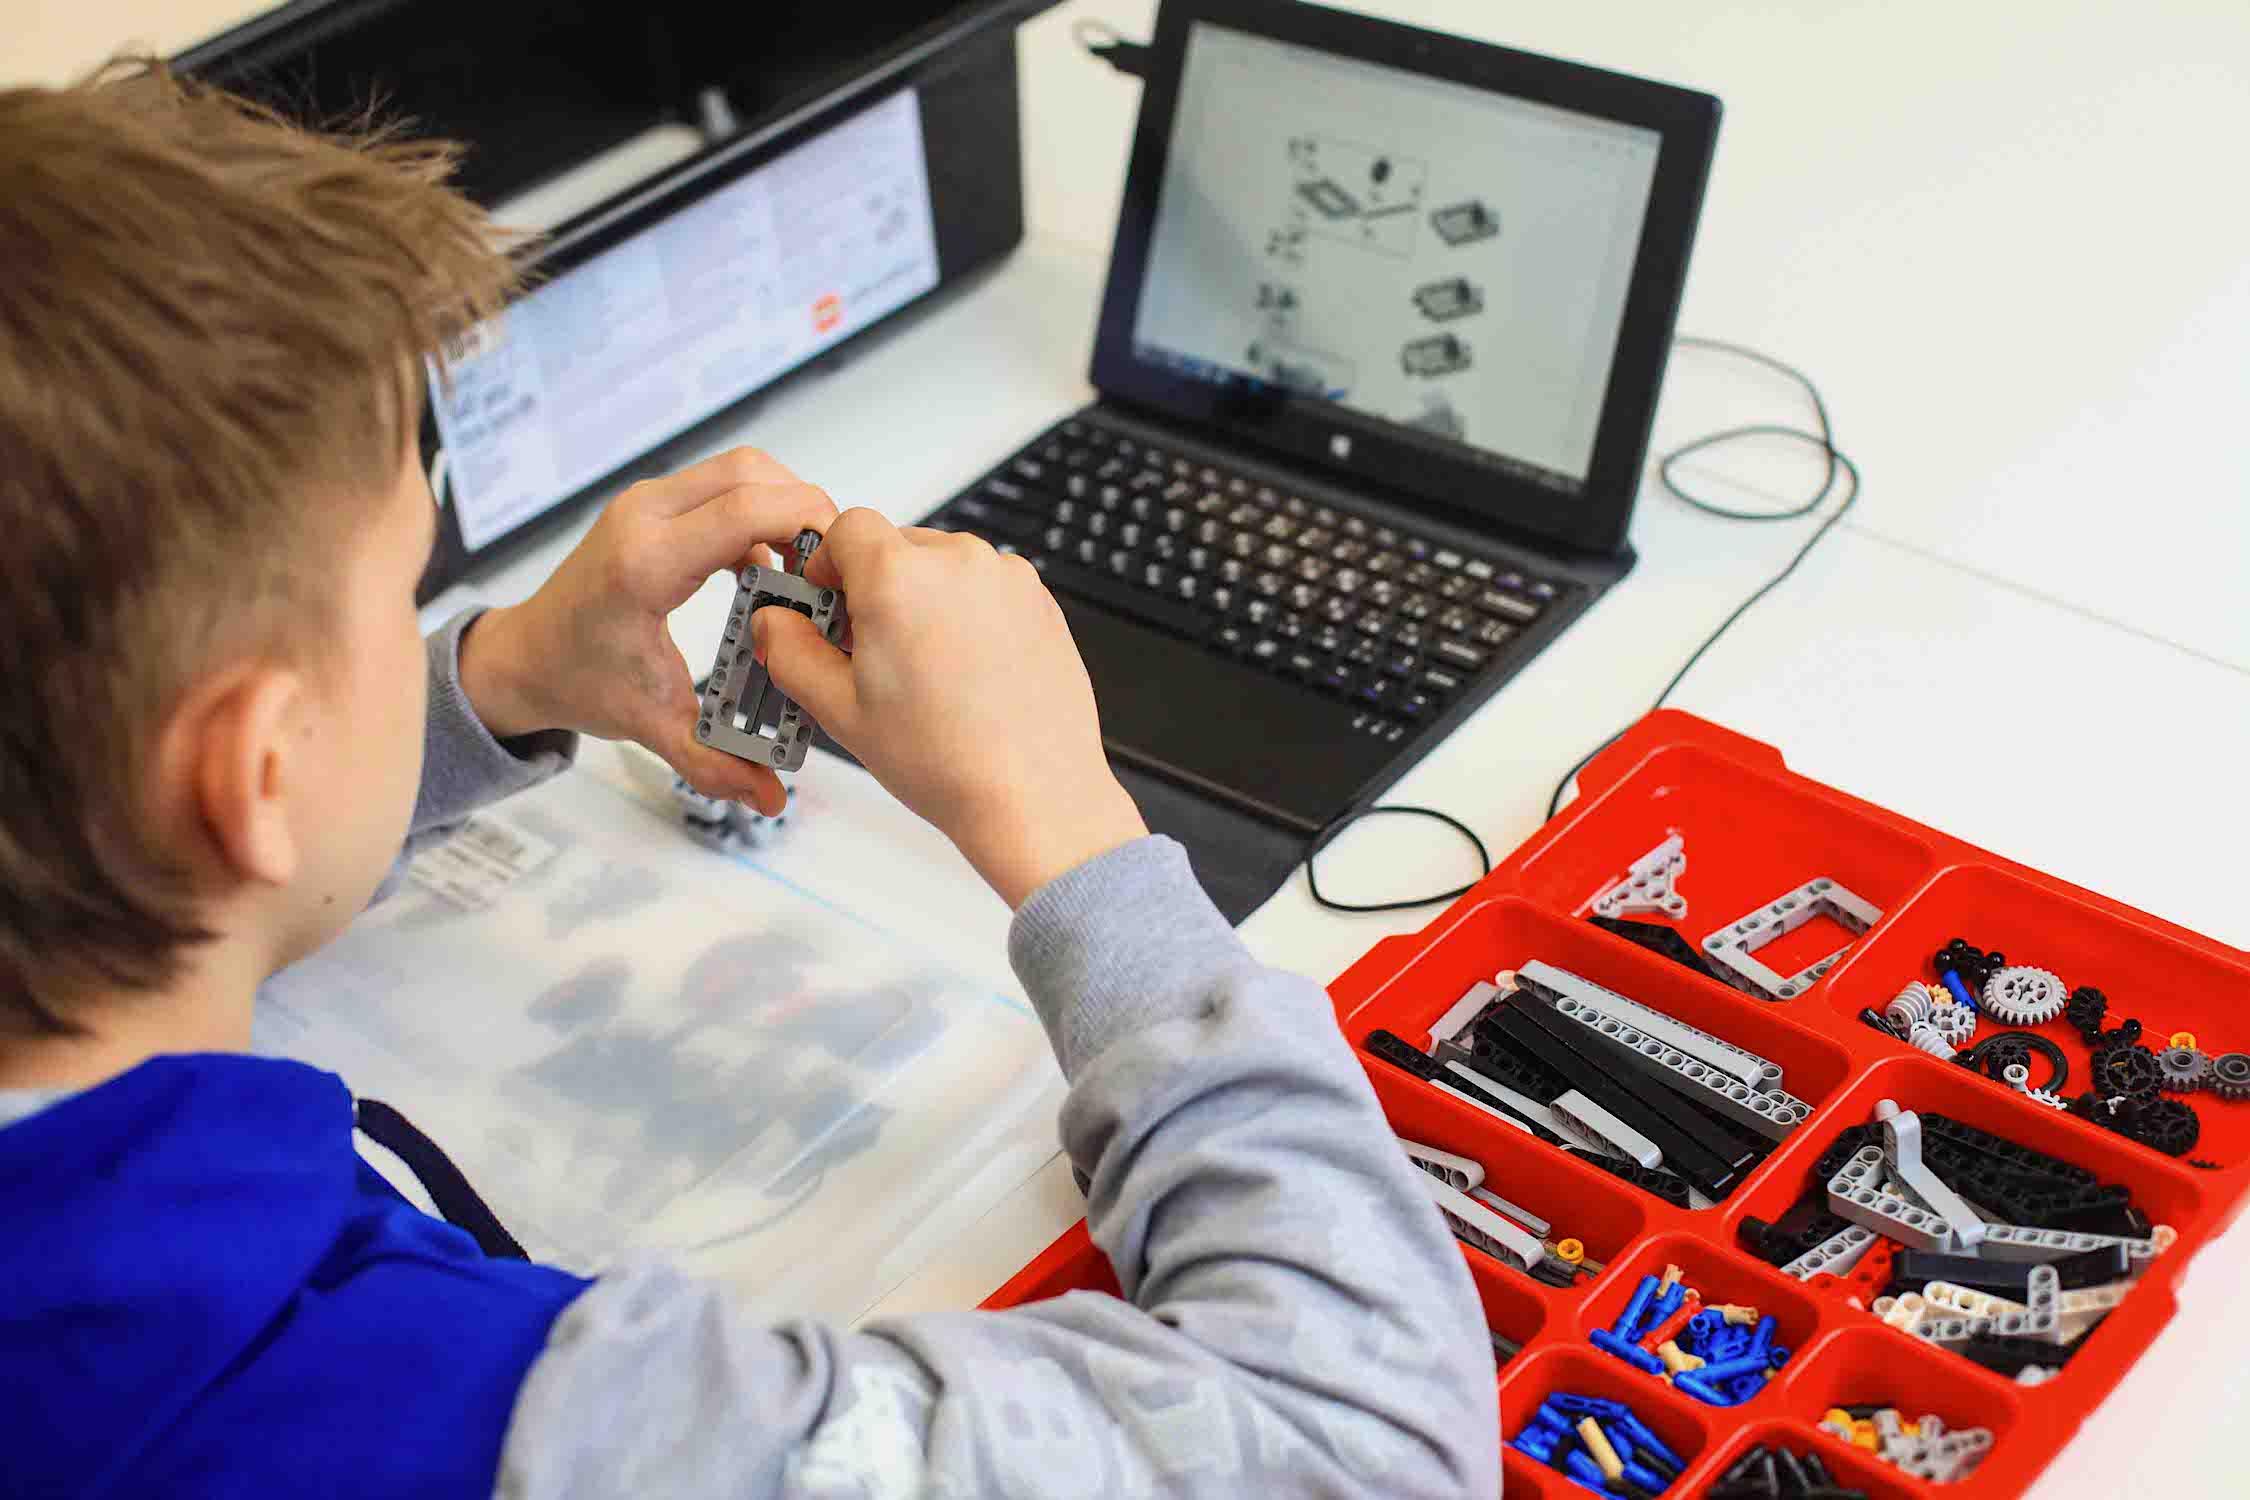 Проект клубов по робототехнике «GoROBO» — его делает стартап из акселератора Университета ИТМО - 2